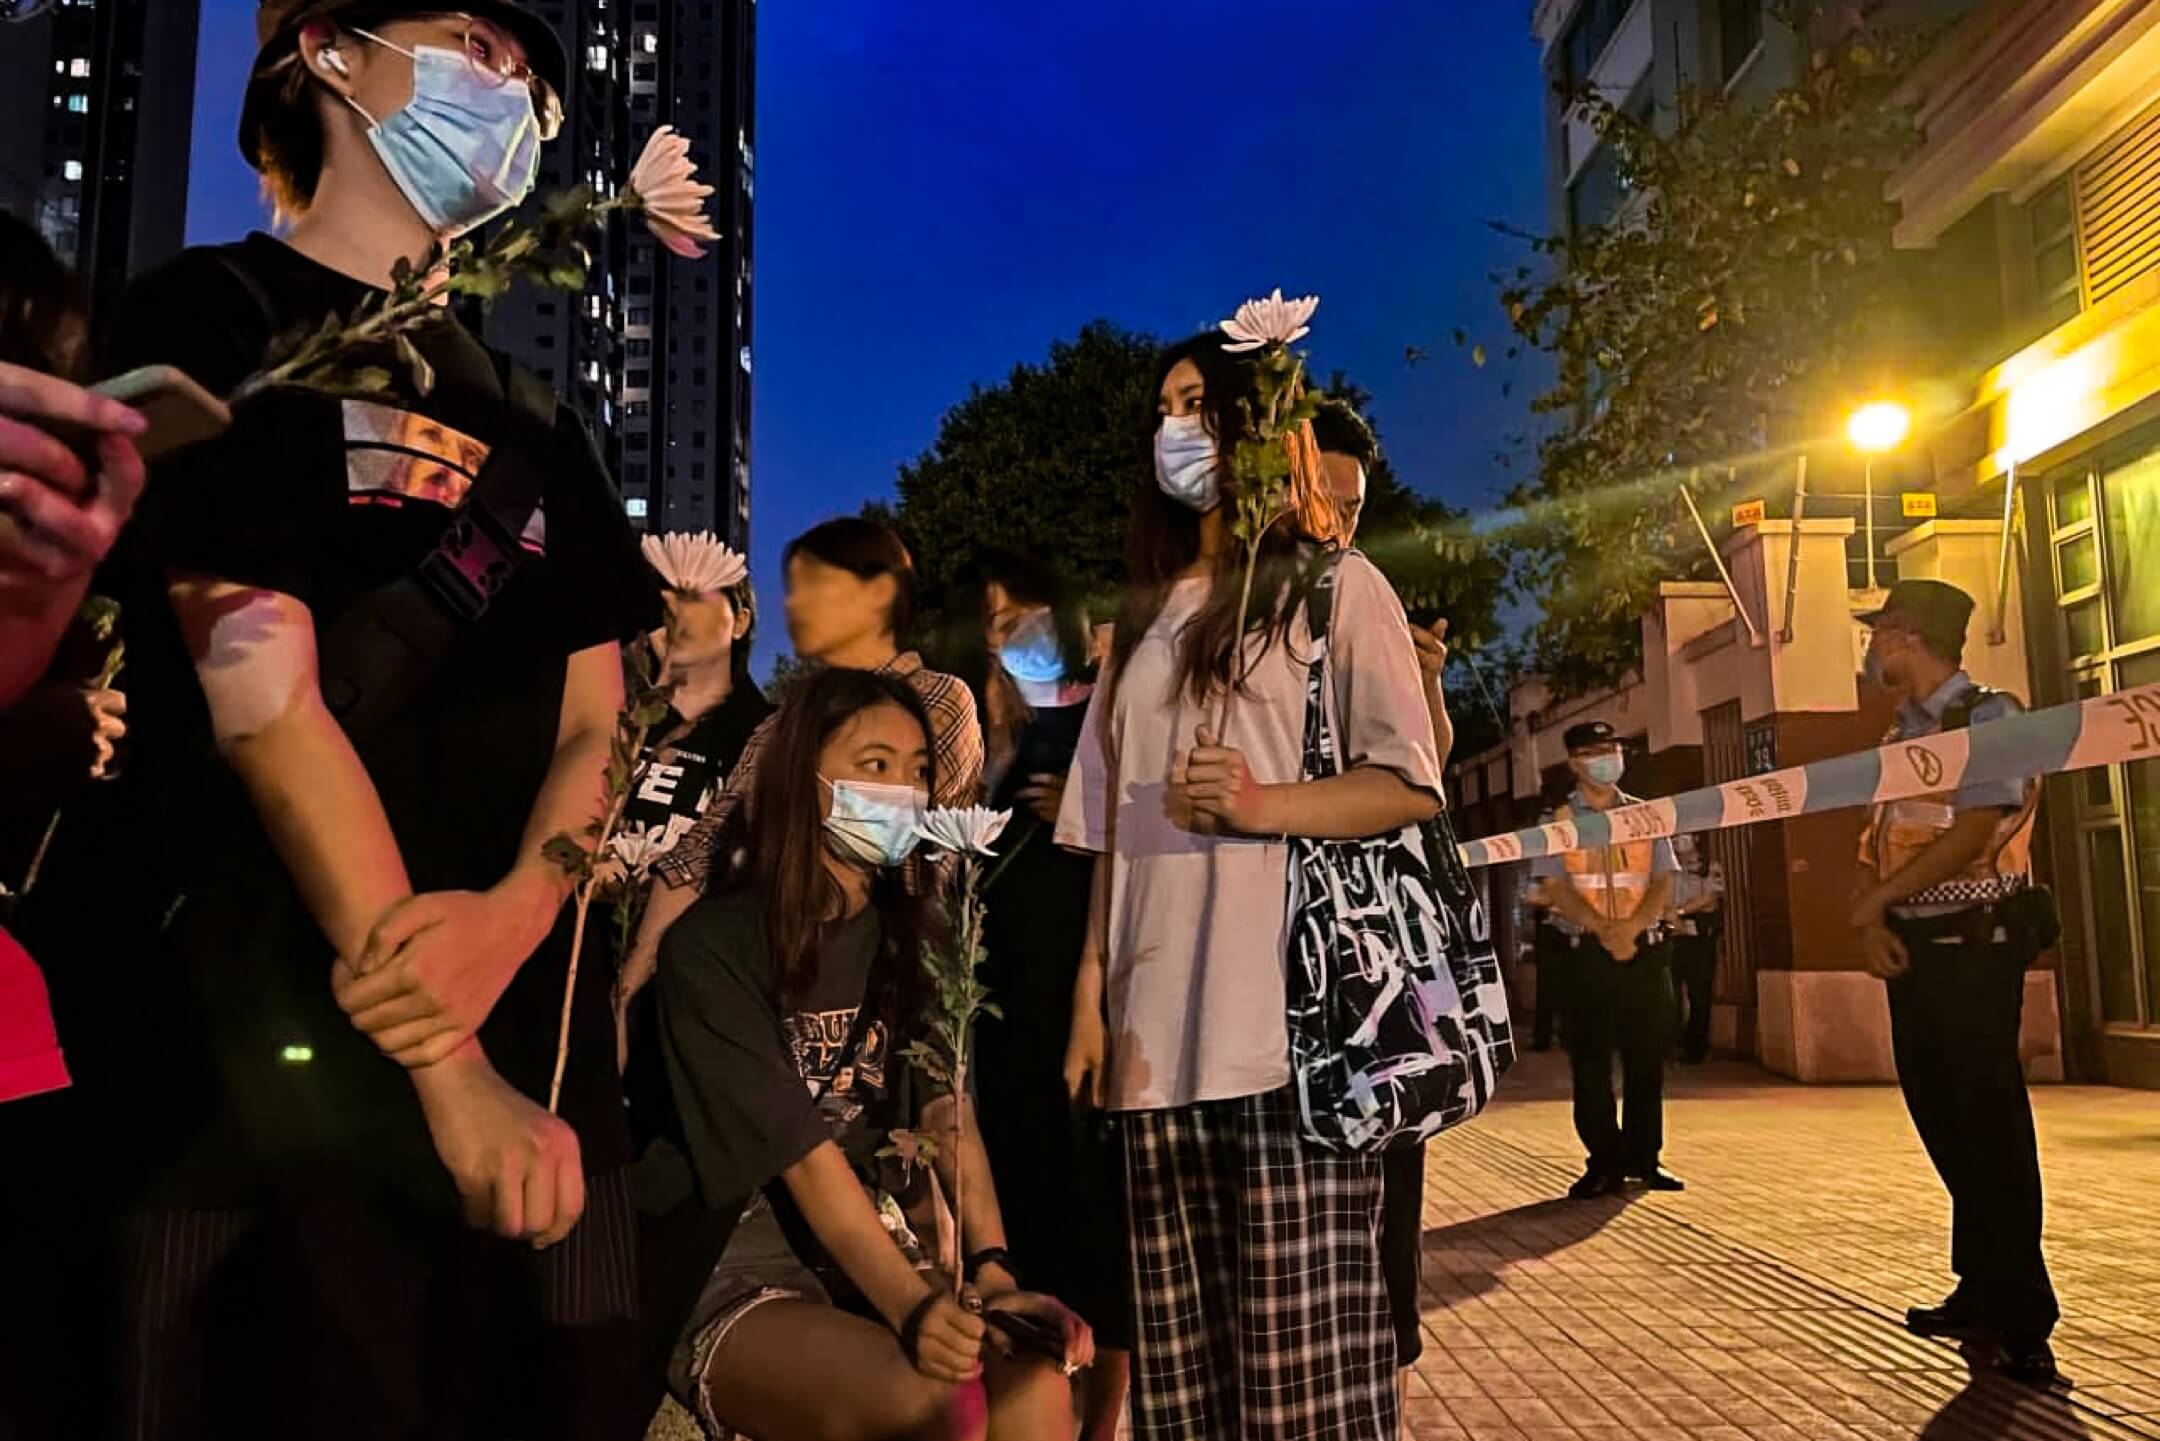 2021年5月11日,成都49中门外,民众拿着鲜花前来悼念堕楼身亡学生林唯麒。